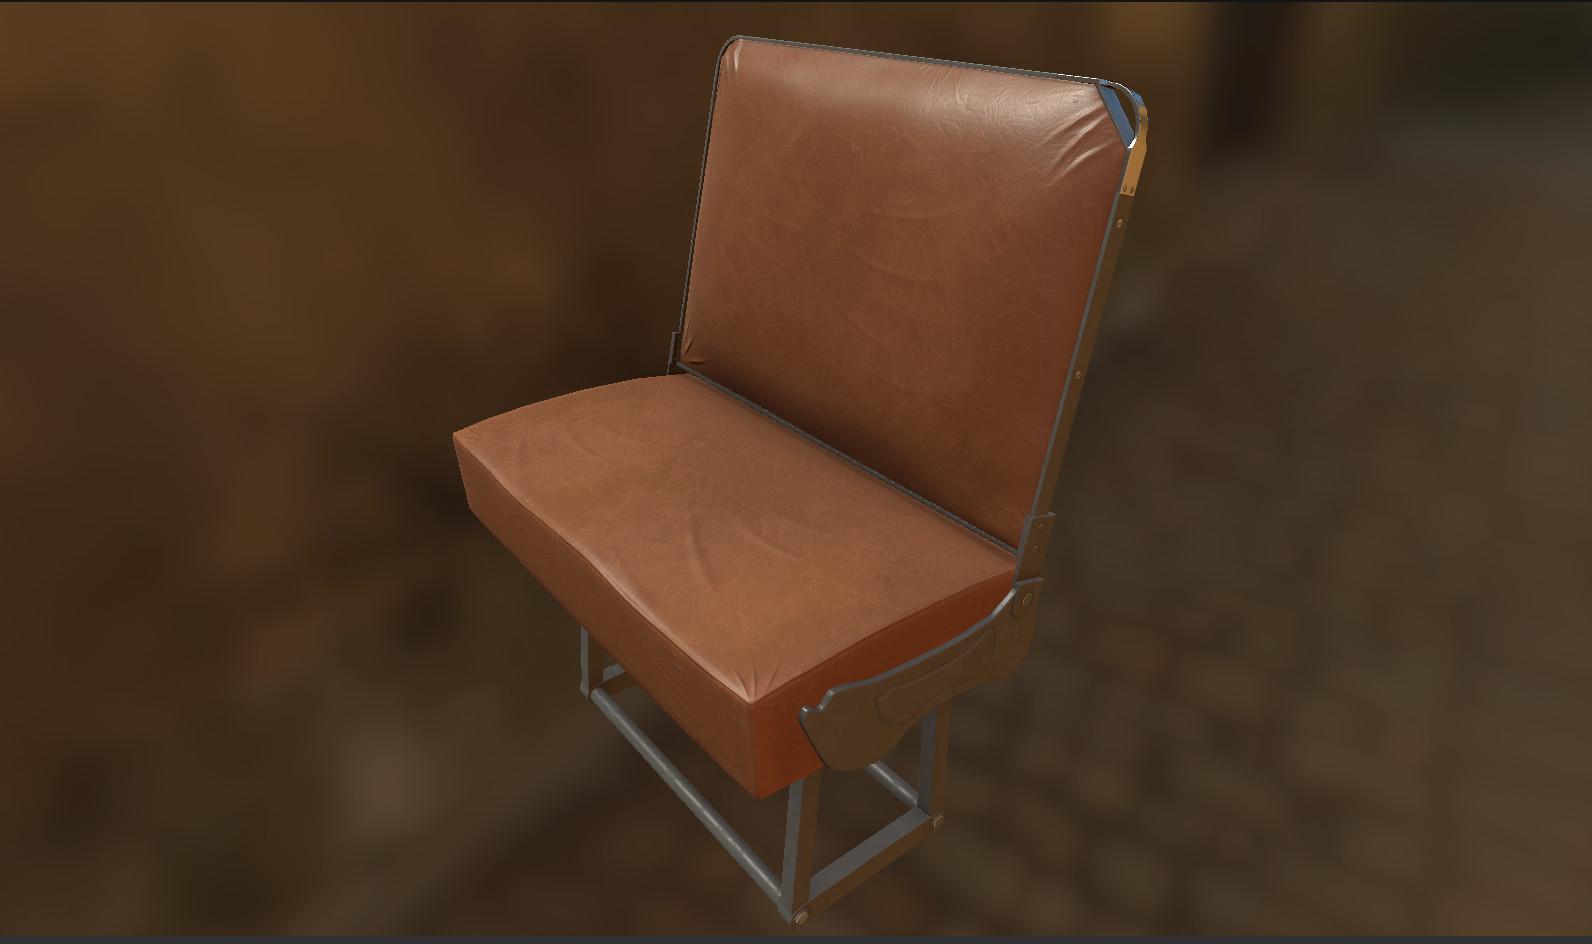 Rick irvine seat2